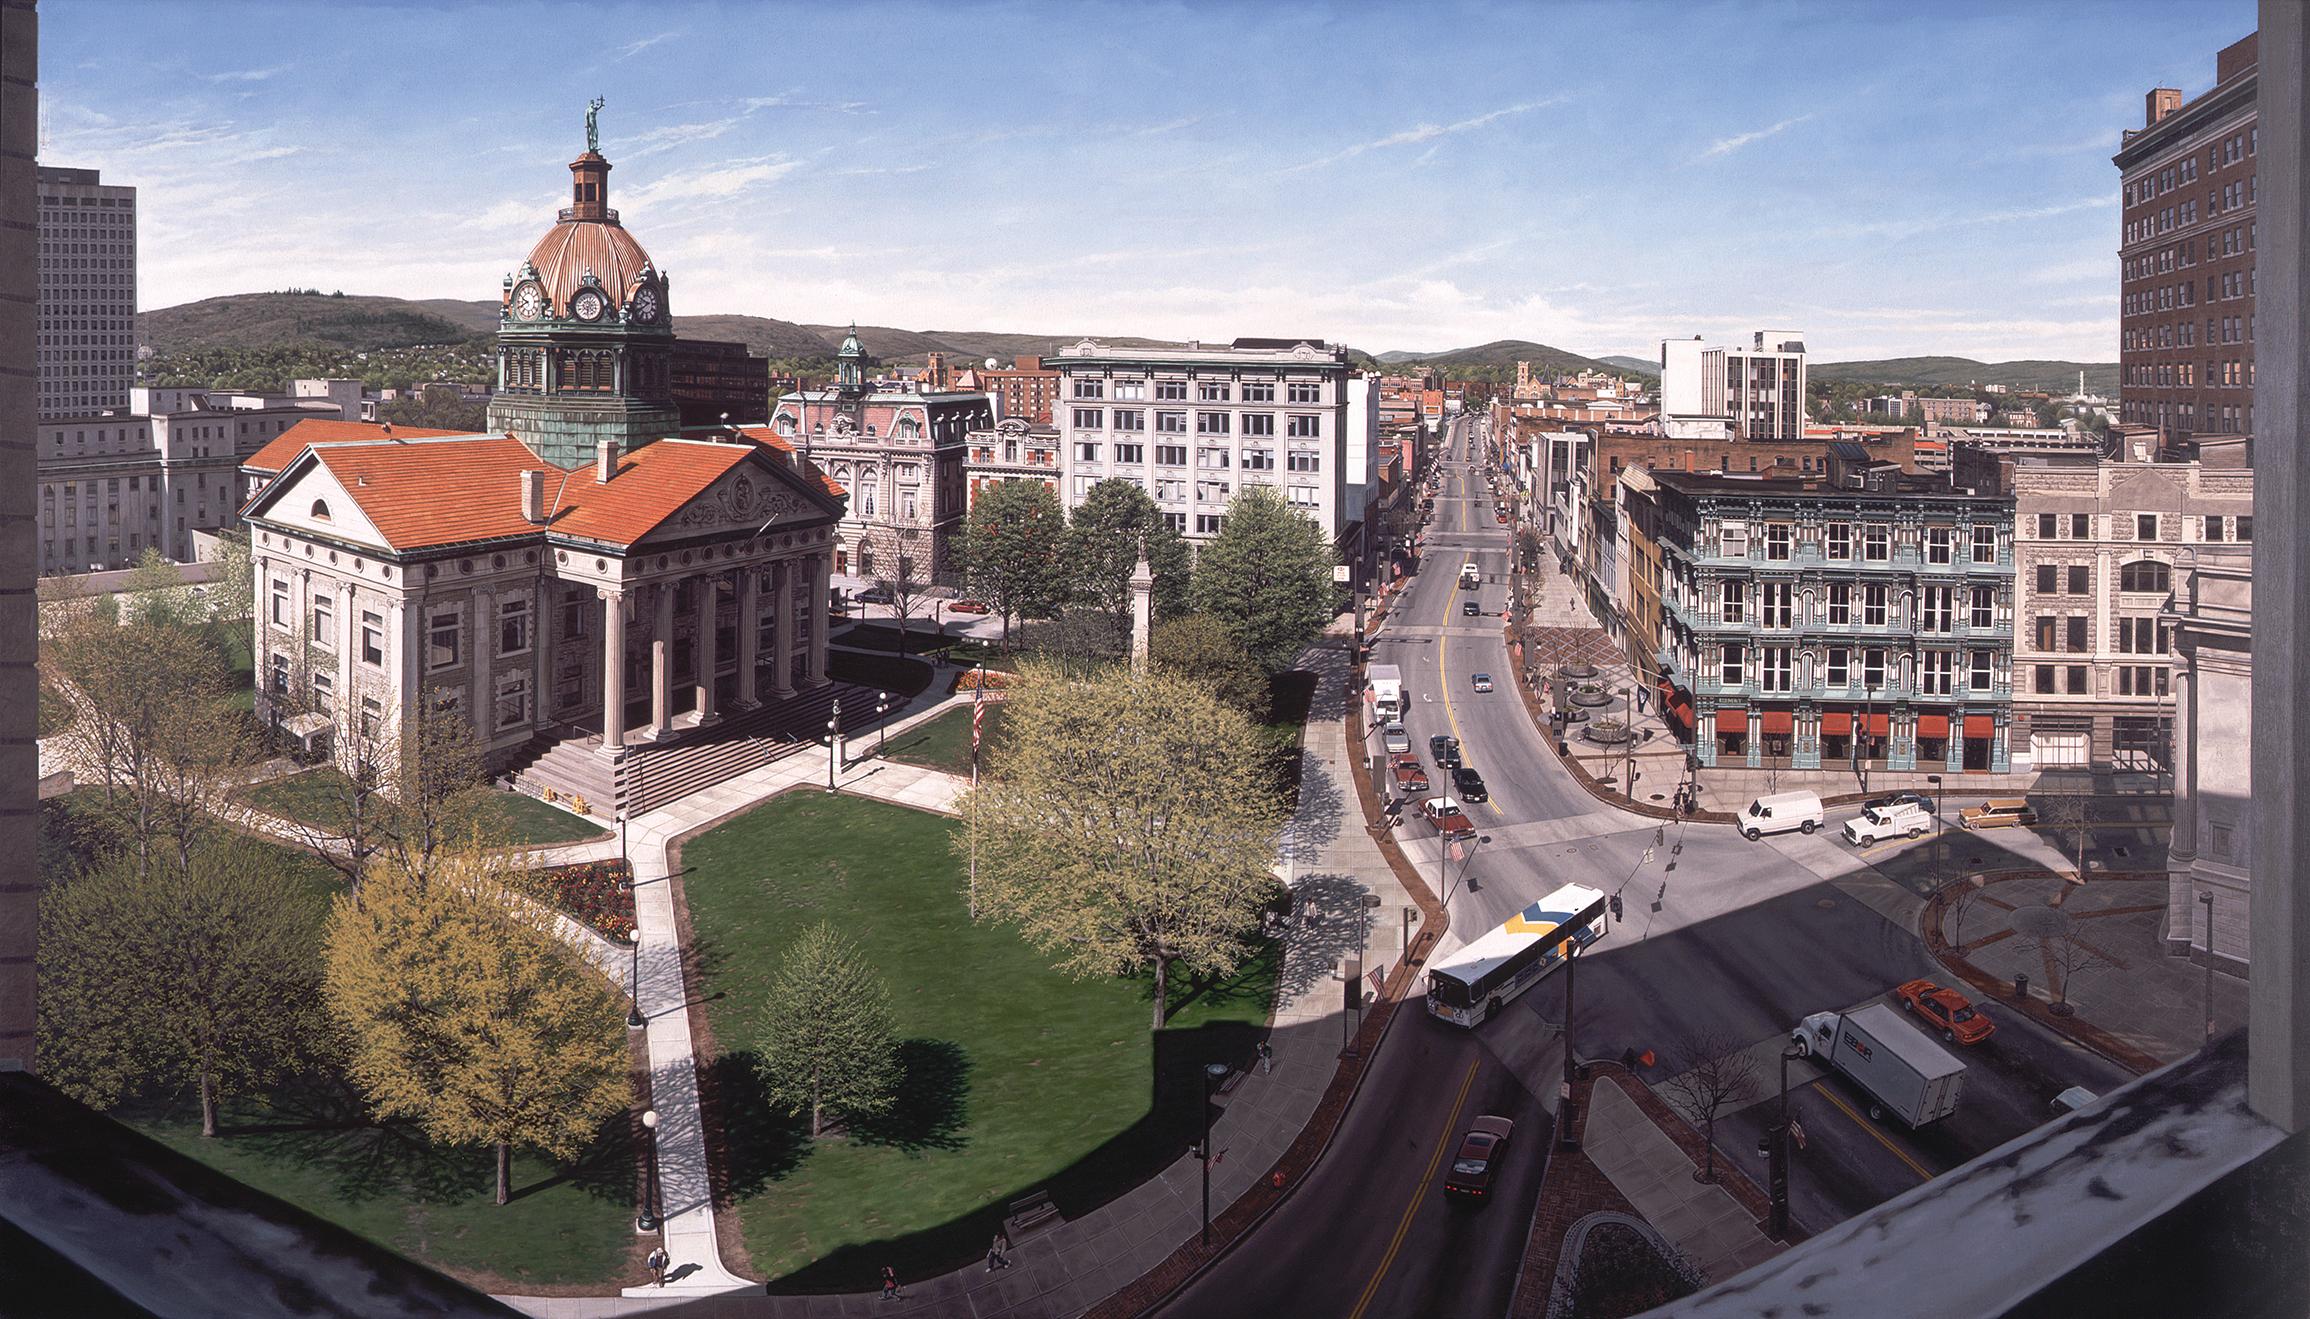 View of Binghamton